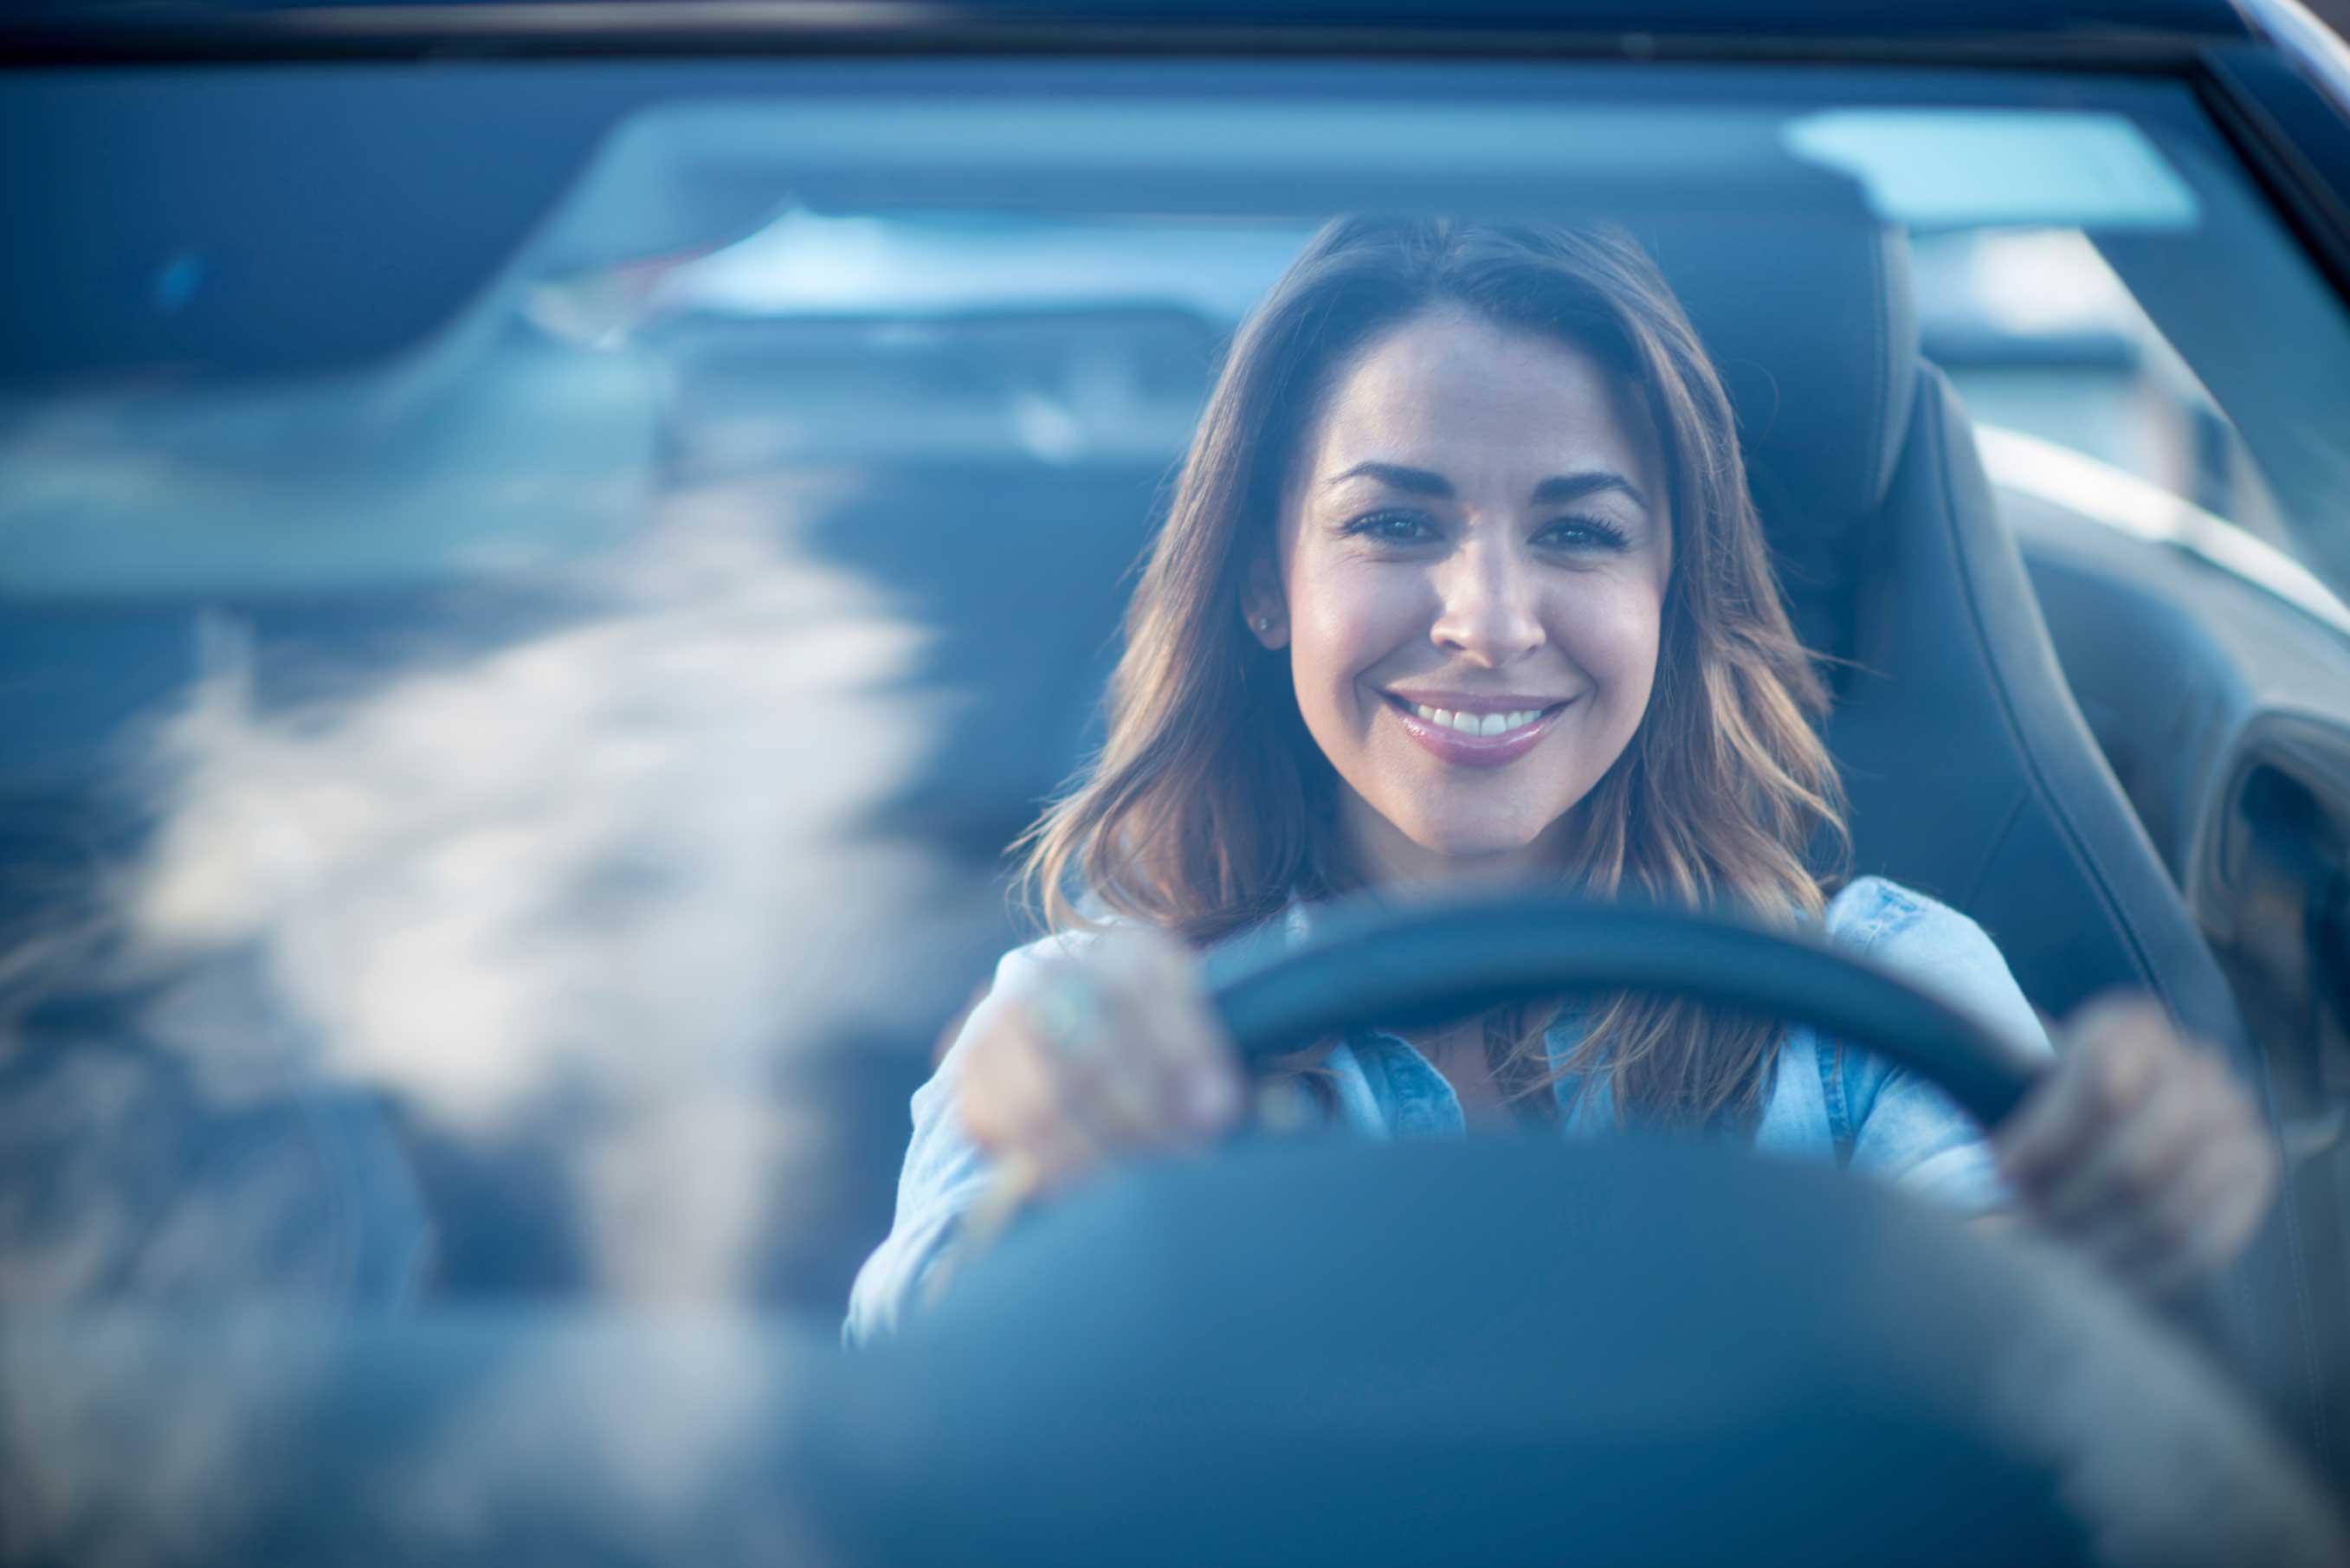 Legyen jobb Budapesten autózni! Segíts ebben! Kövesd, terjeszd tanácsainkat!